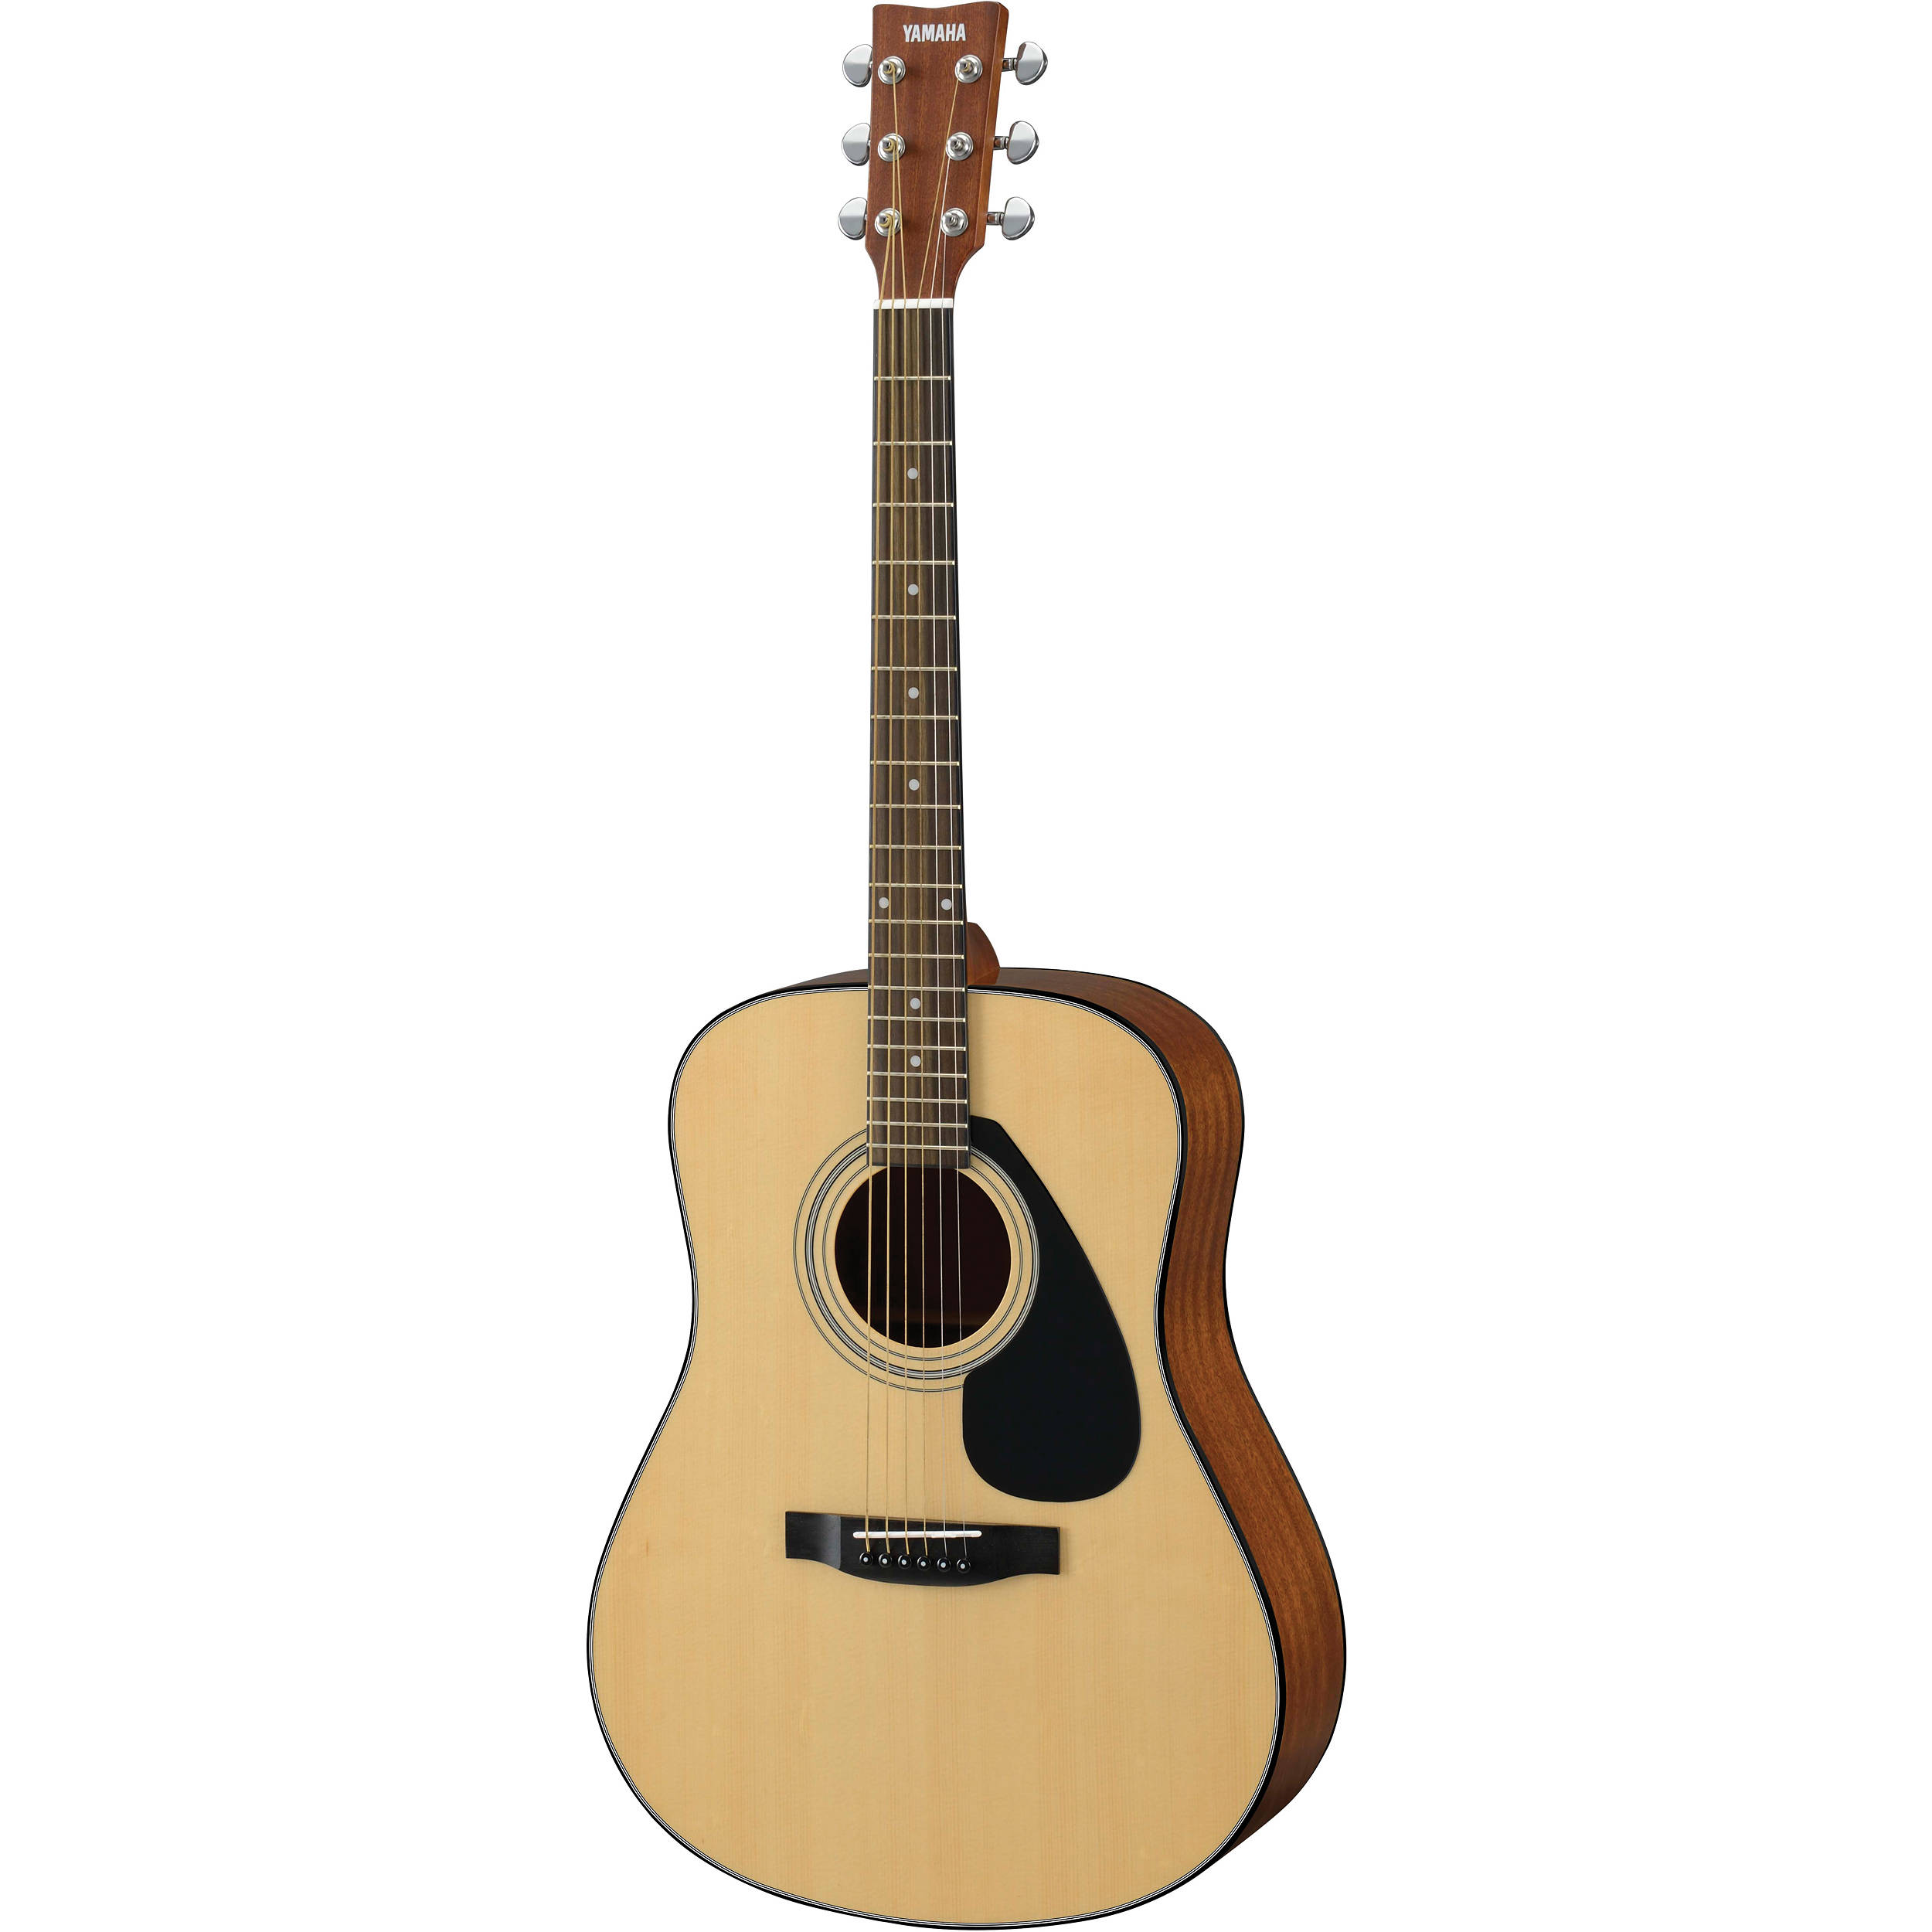 Yamaha yamaha f325d acoustic guitar natural f325d b h photo for Yamaha f 325 guitar